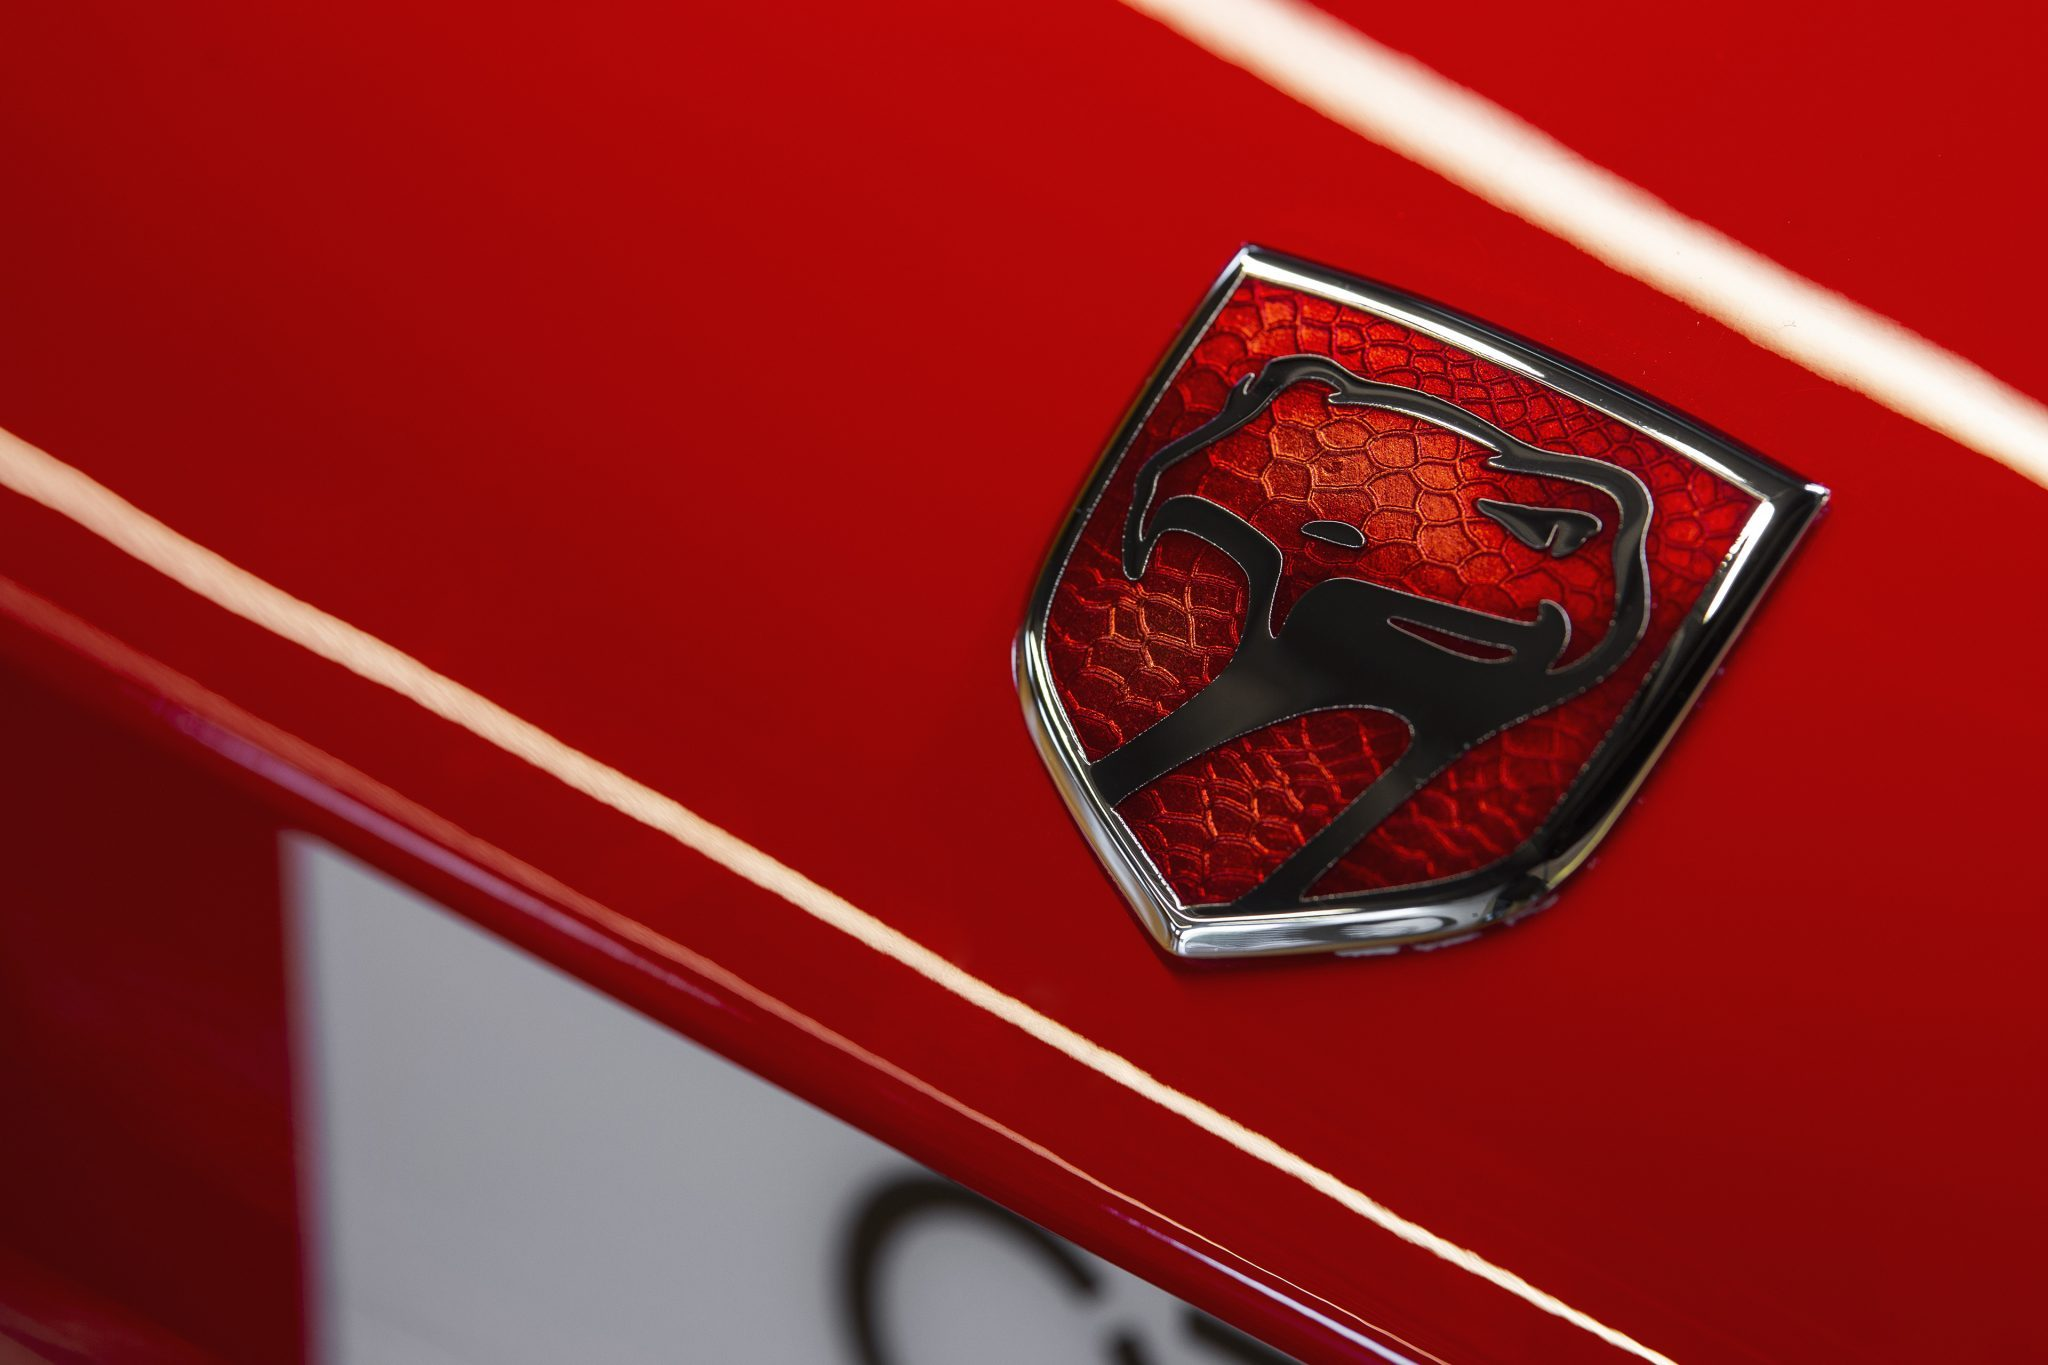 1992 Dodge Viper RT-10 logo emblem badge